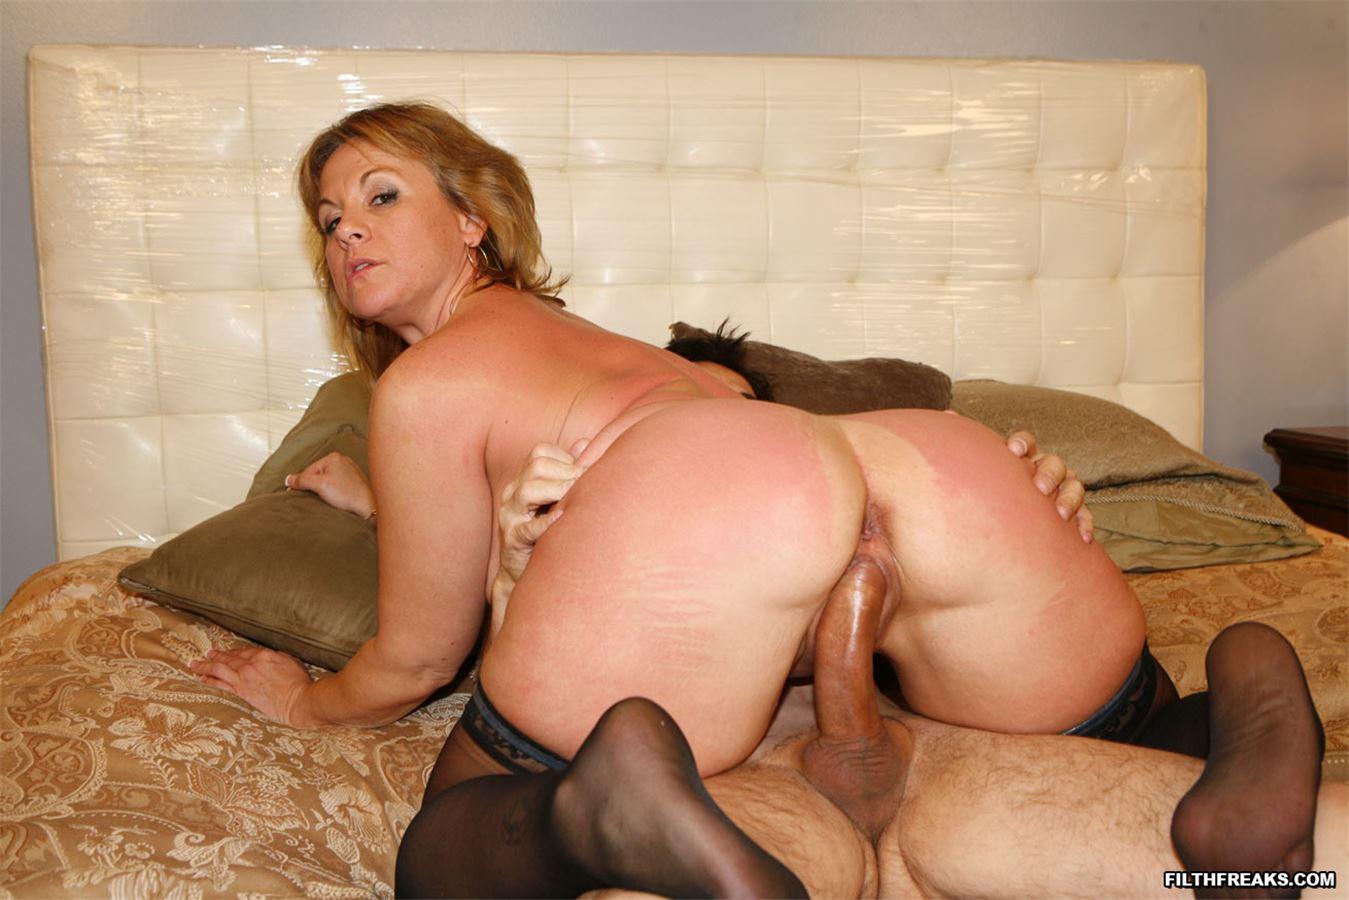 Смотреть порно онлайн бесплатно ебет свою домработницу 11 фотография